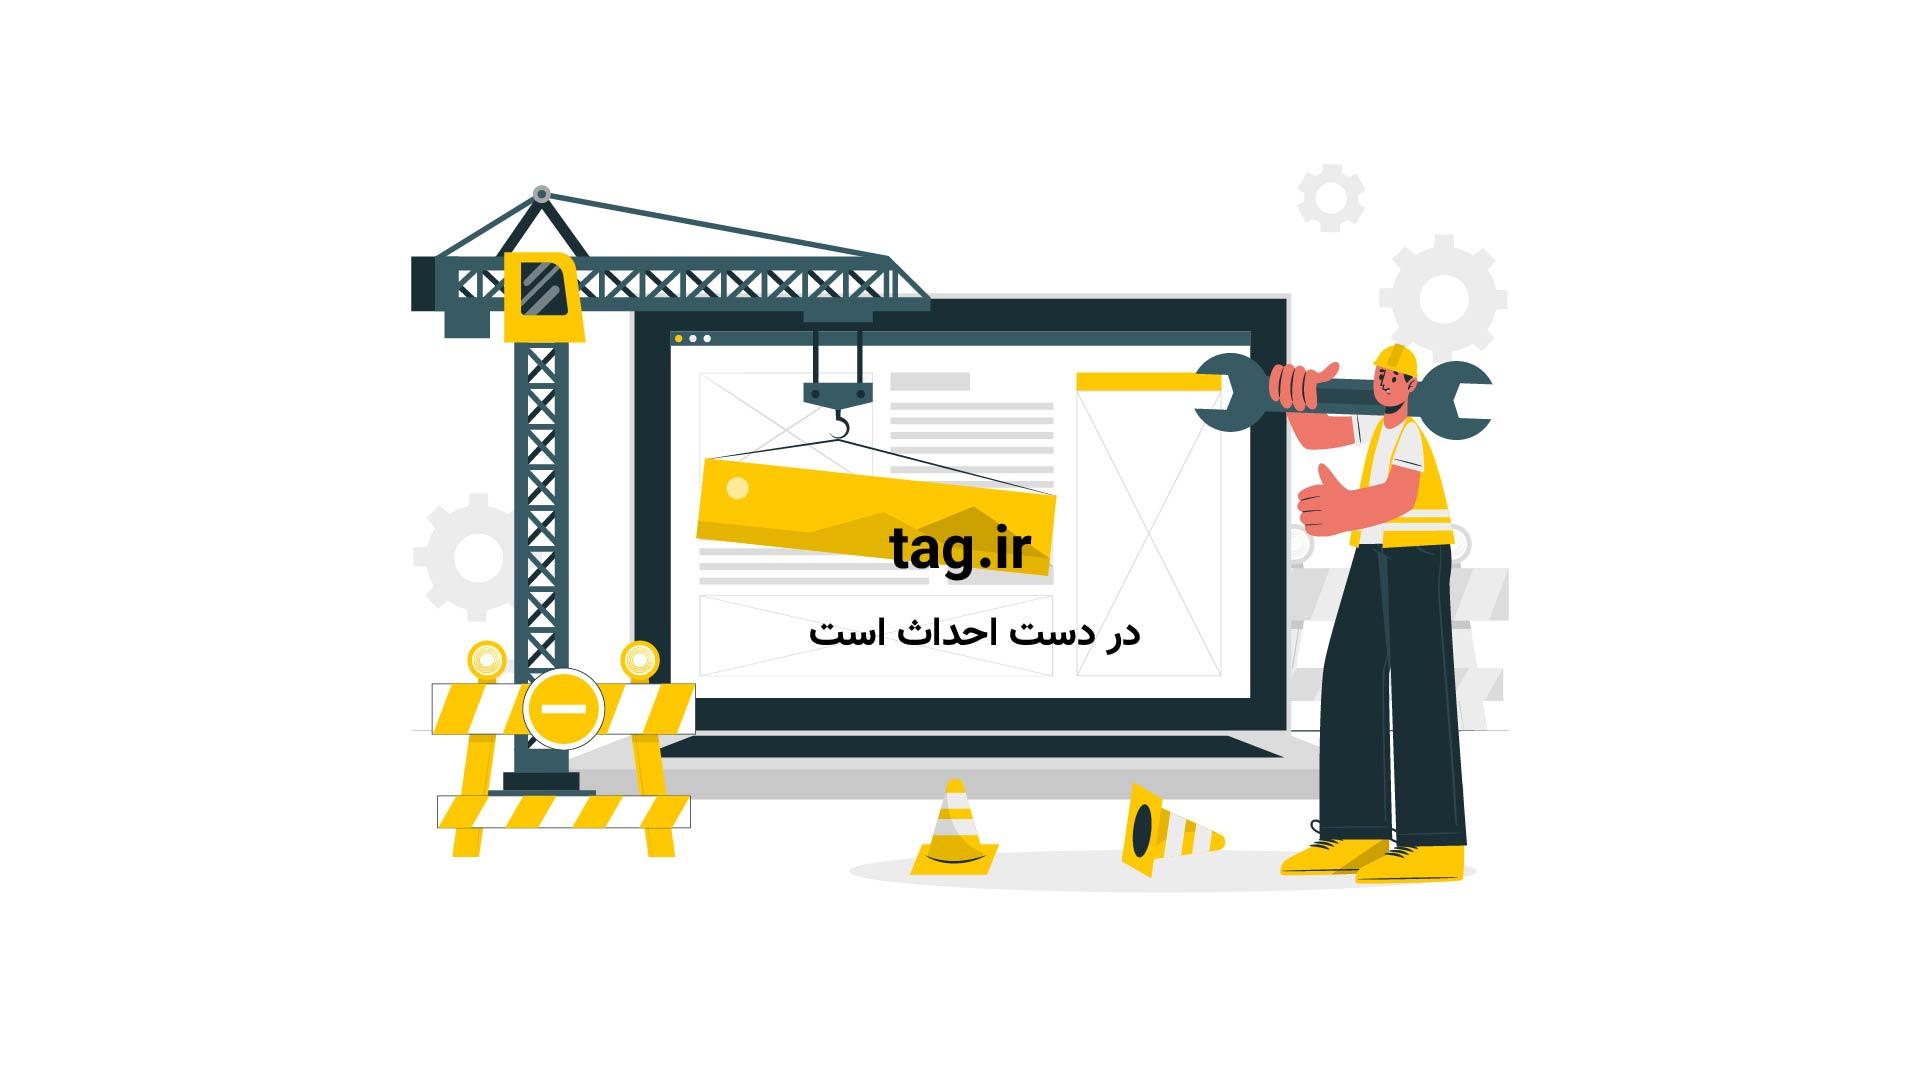 صفحه اول روزنامههای عمومی چهارشنبه 18 مهر | فیلم